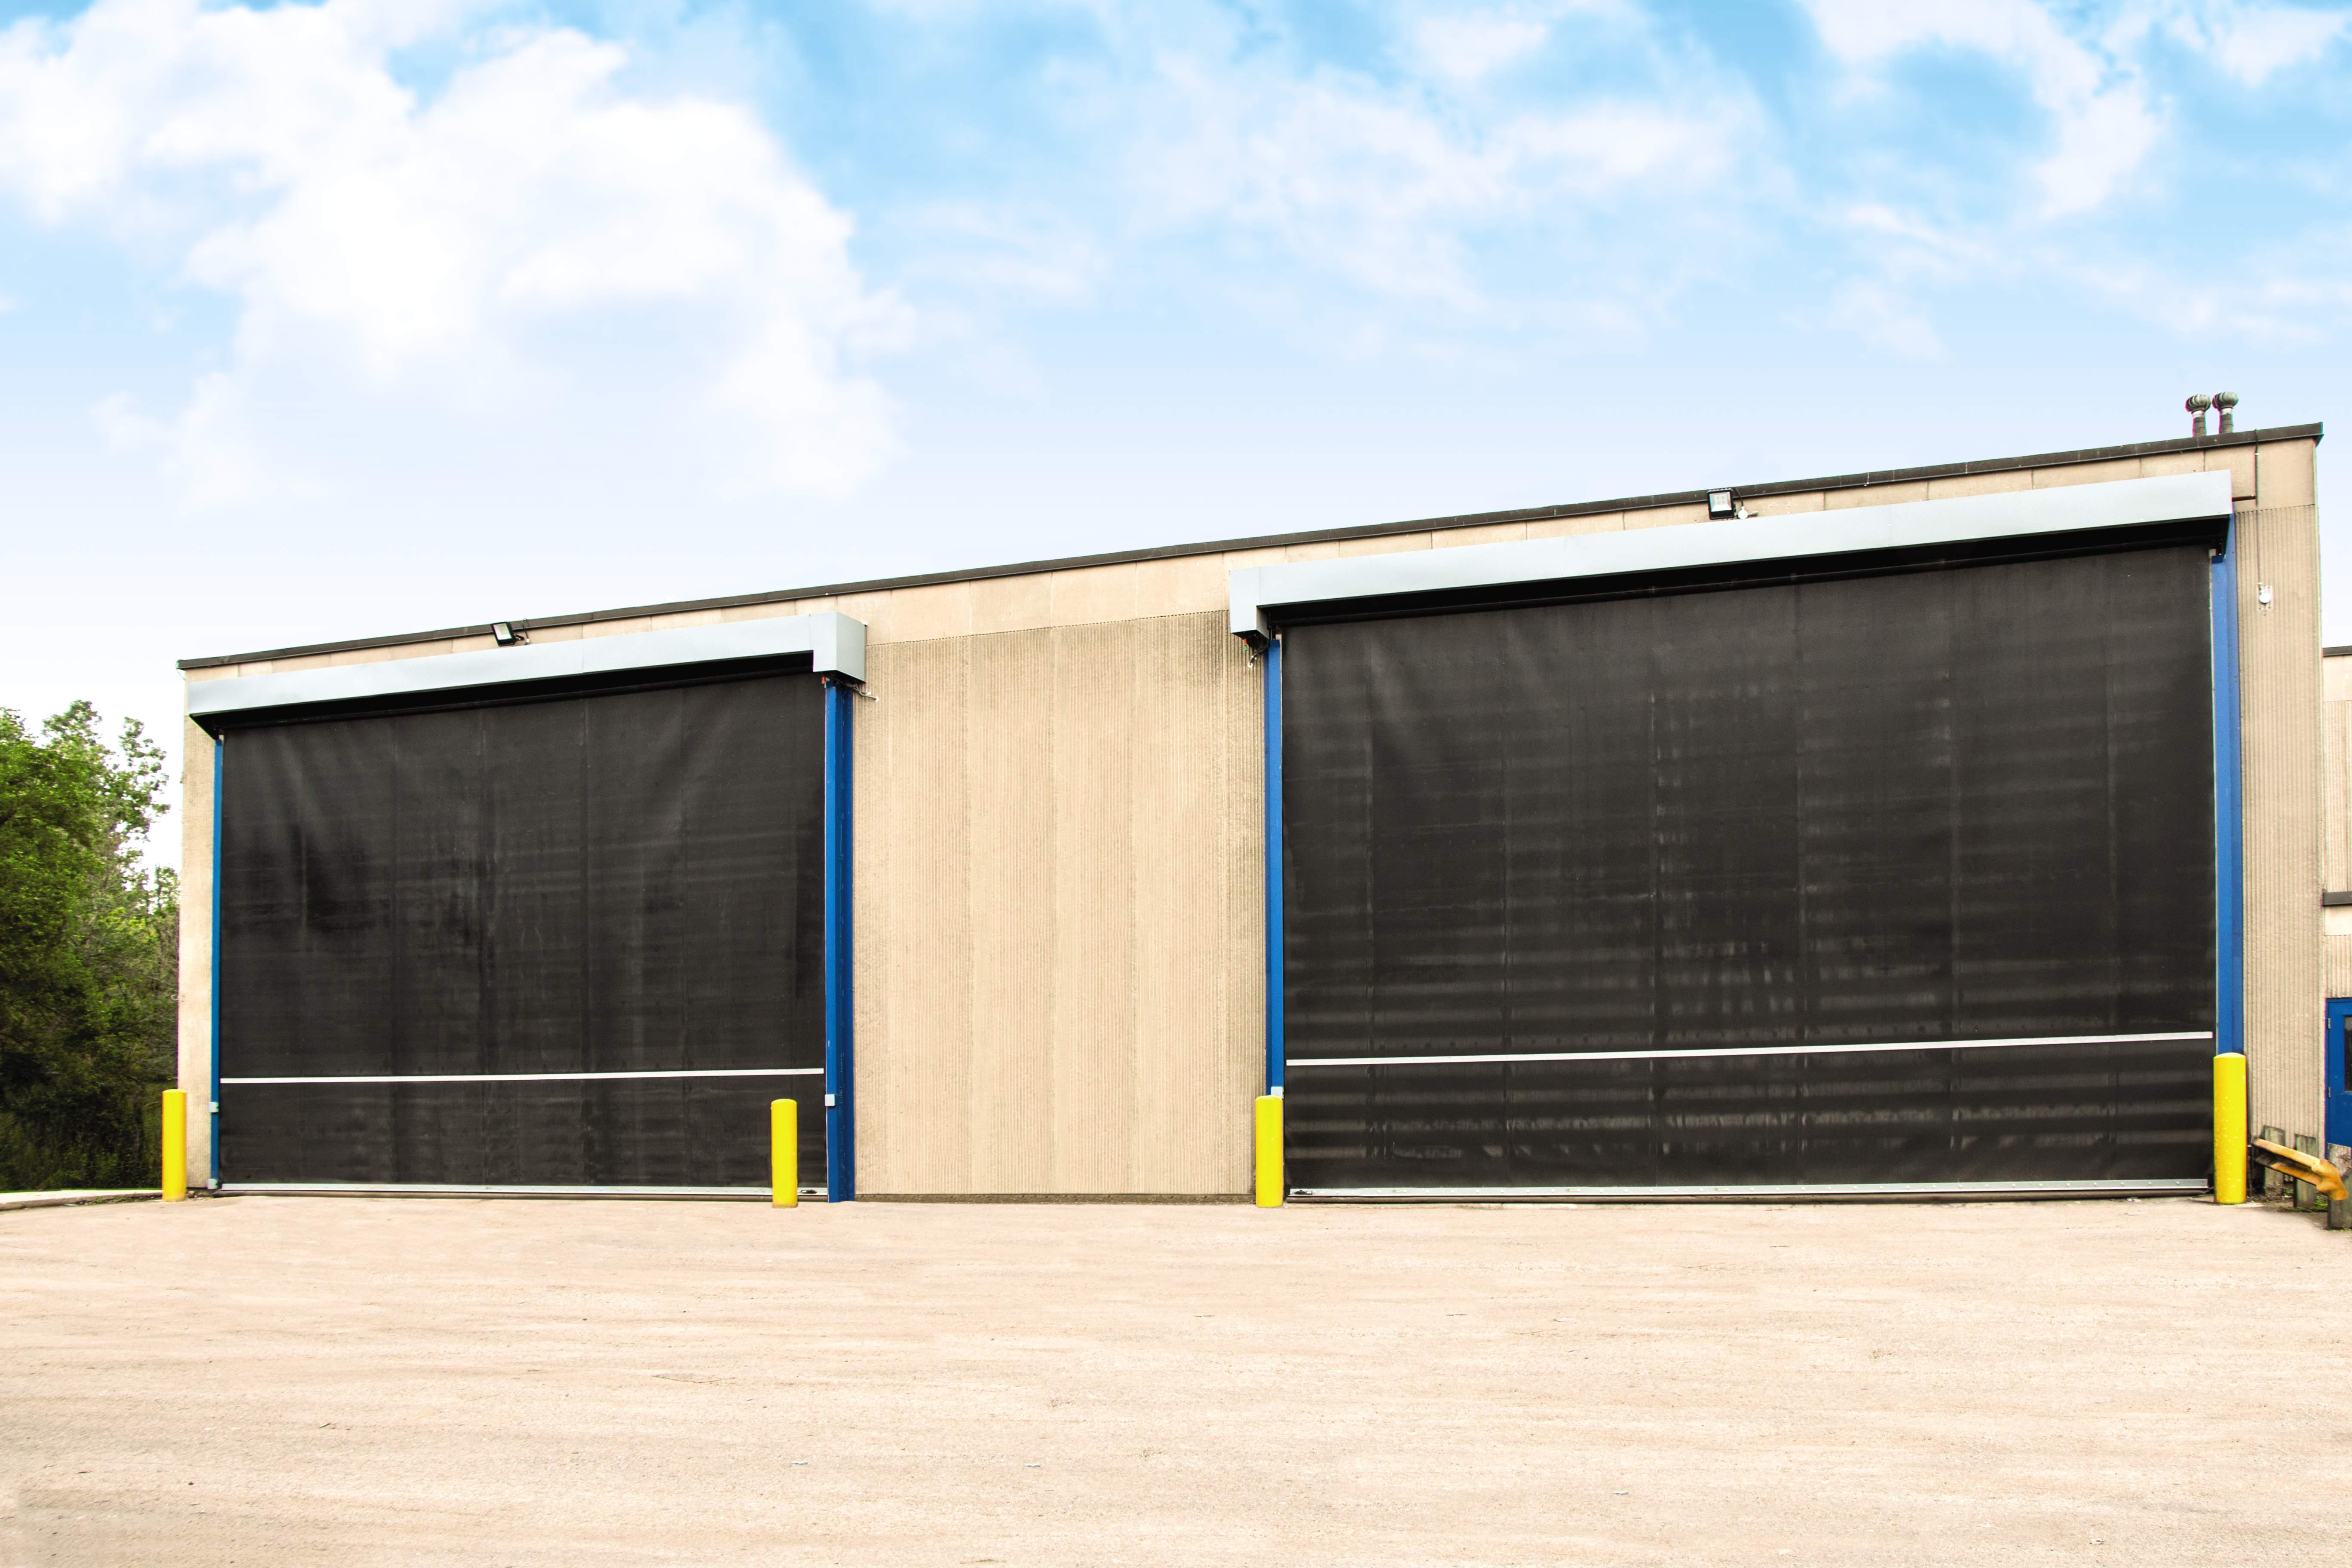 Commercial garage door services in MN